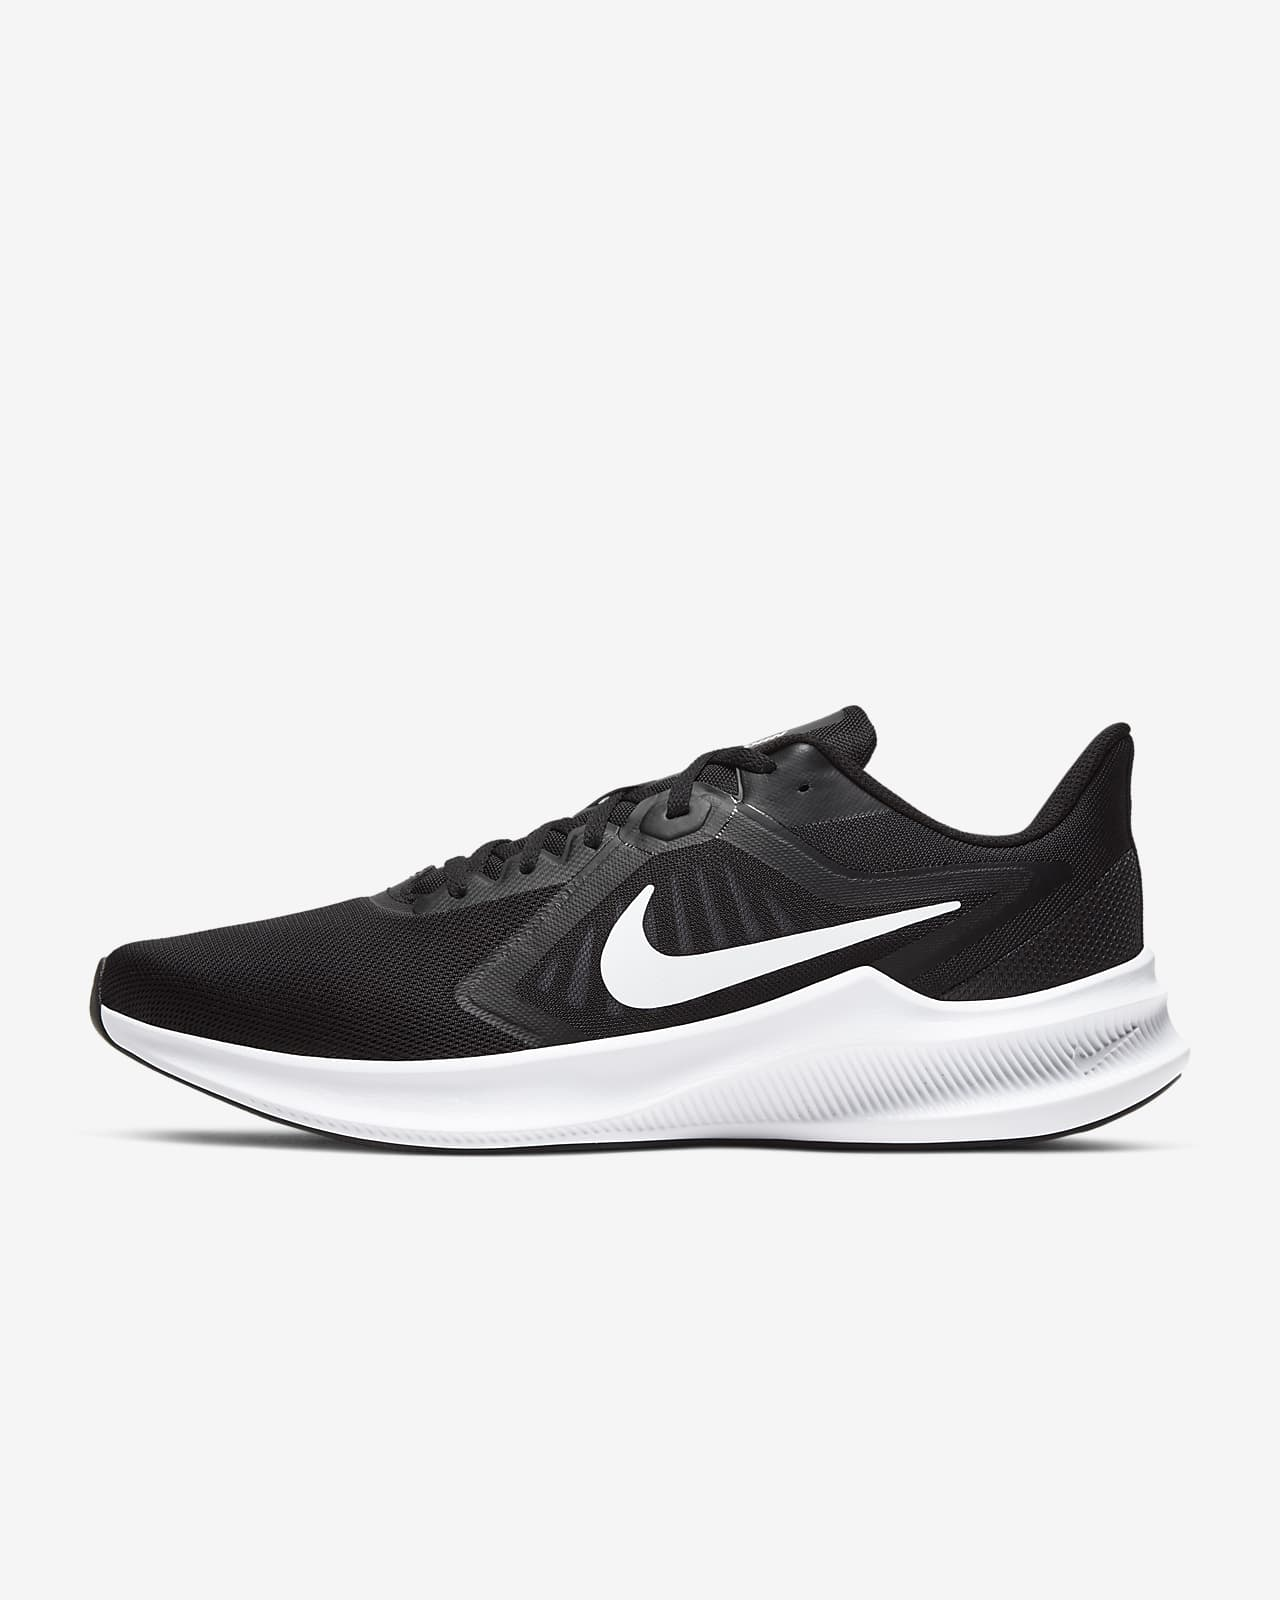 Nike Downshifter 10 Erkek Yol Koşu Ayakkabısı